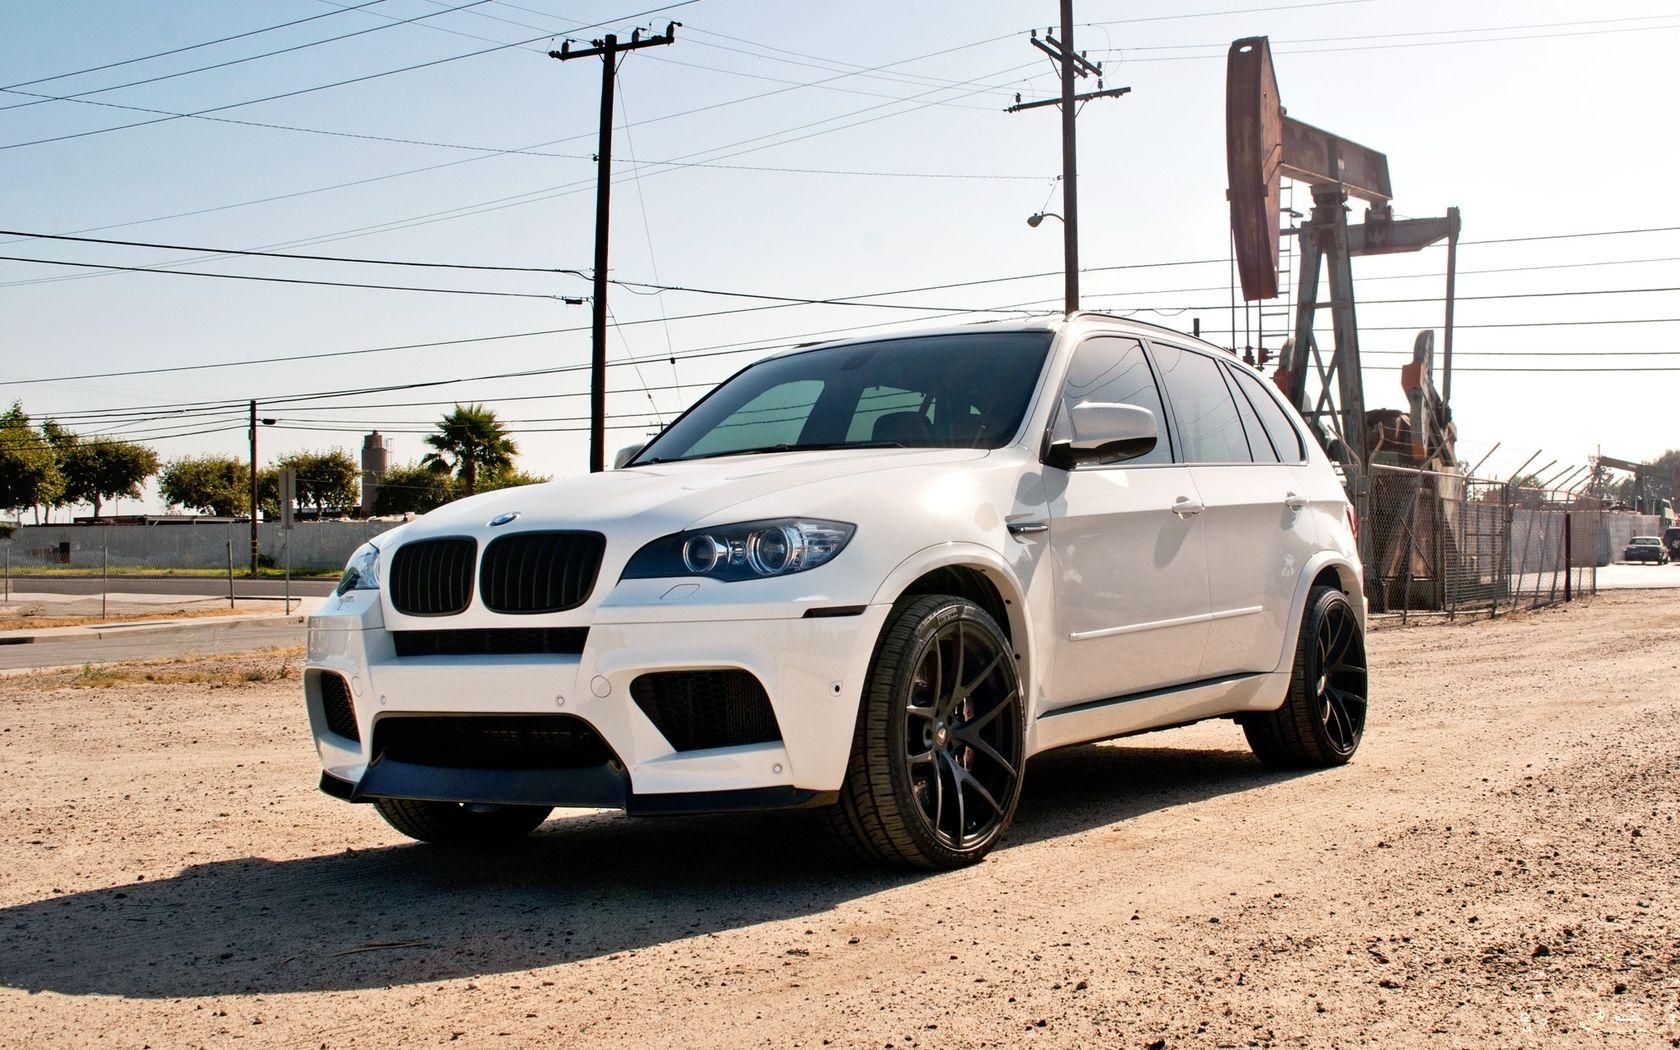 White BMW X5 BMW X5 BMW, Bmw wallpapers, Bmw x5 e70